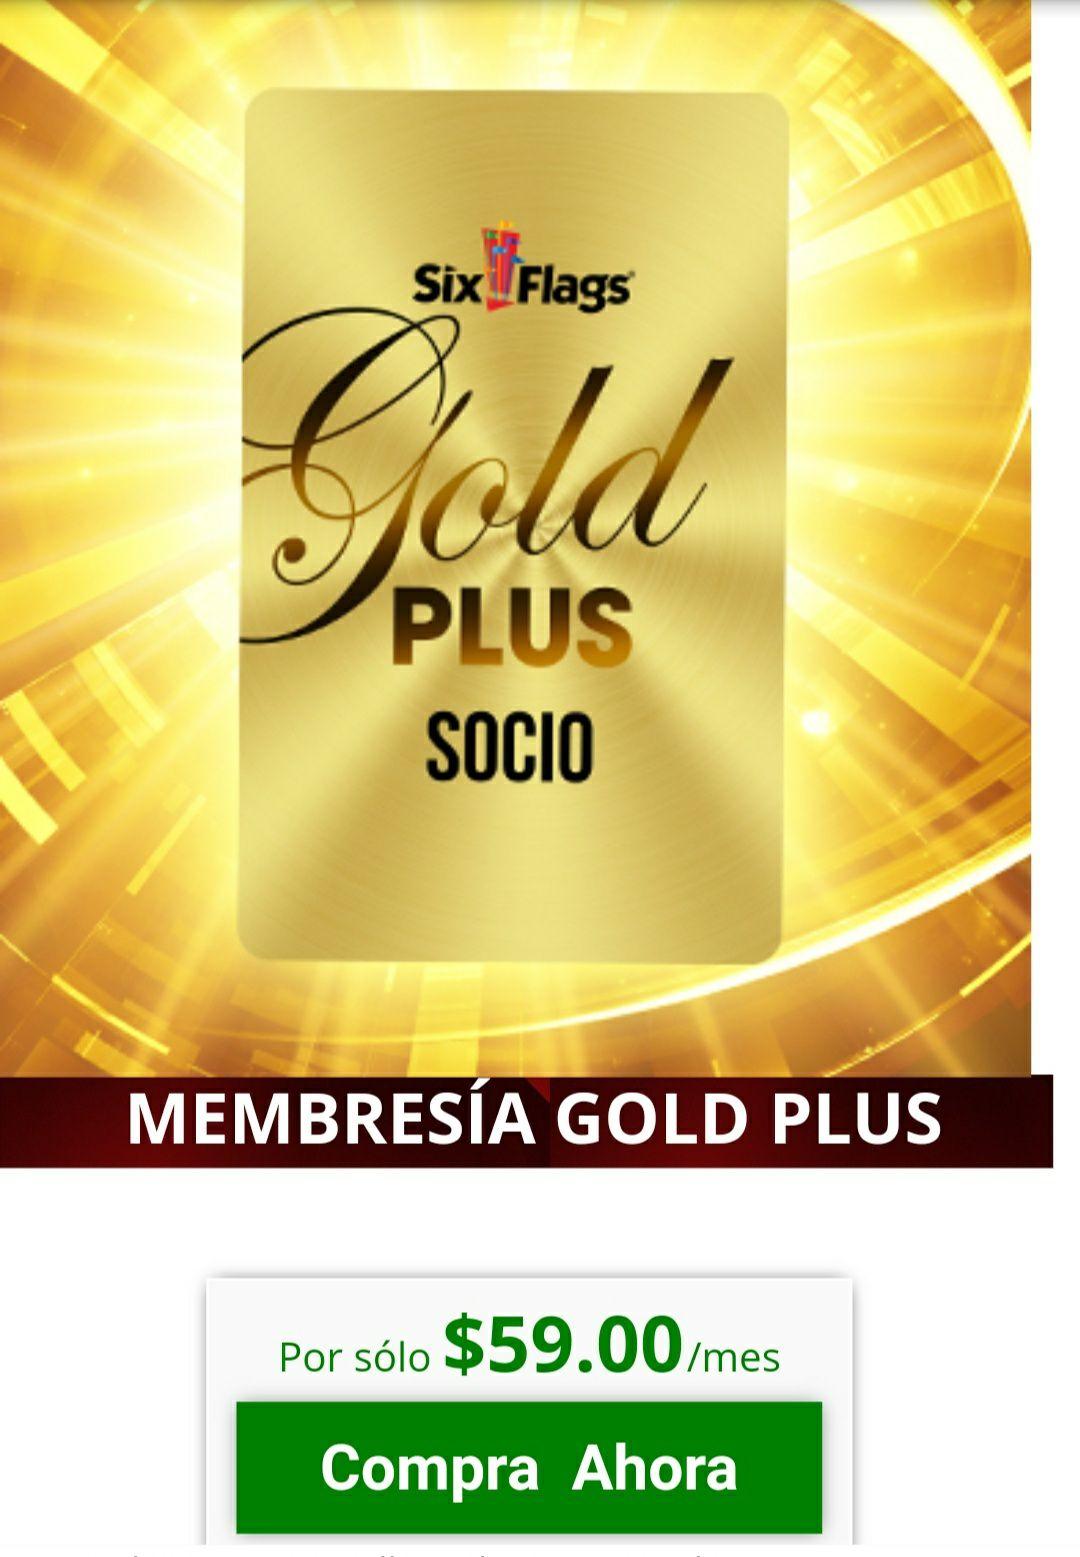 Six Flags: Nuevo programa de socios , con beneficios del pase anual gold